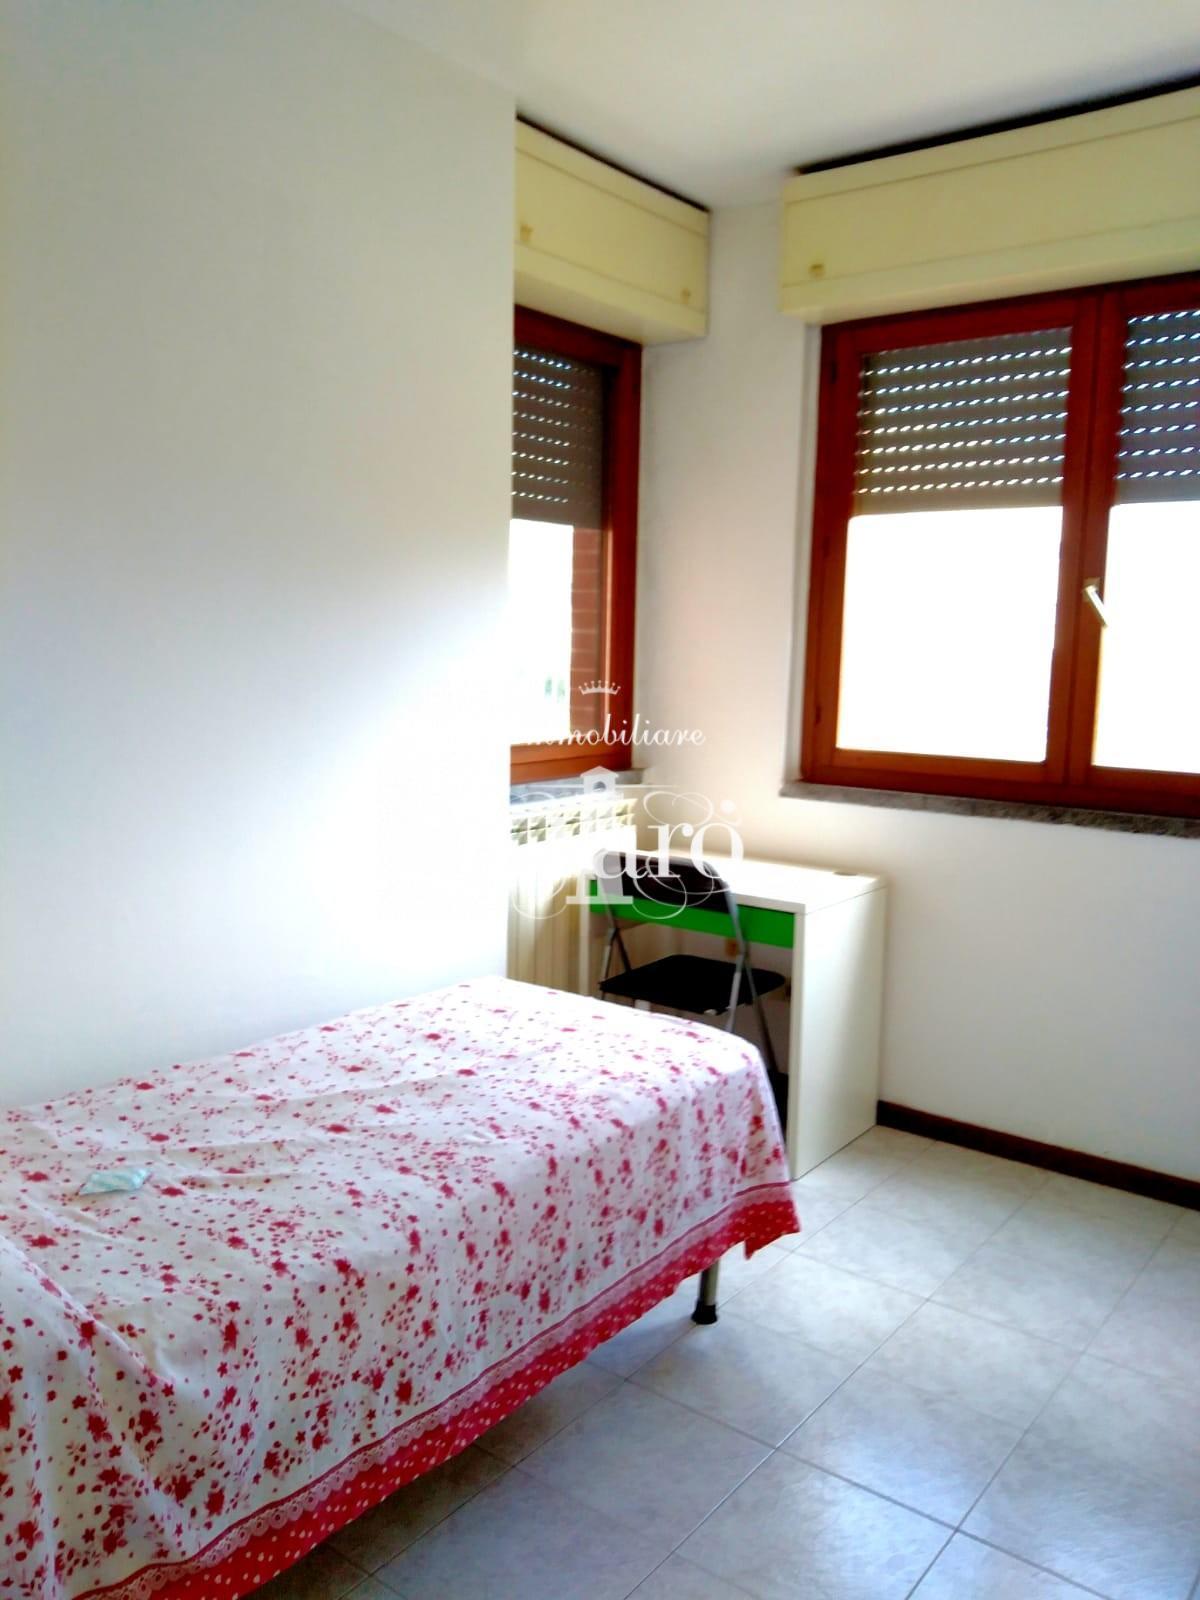 Appartamento in vendita, rif. P3057